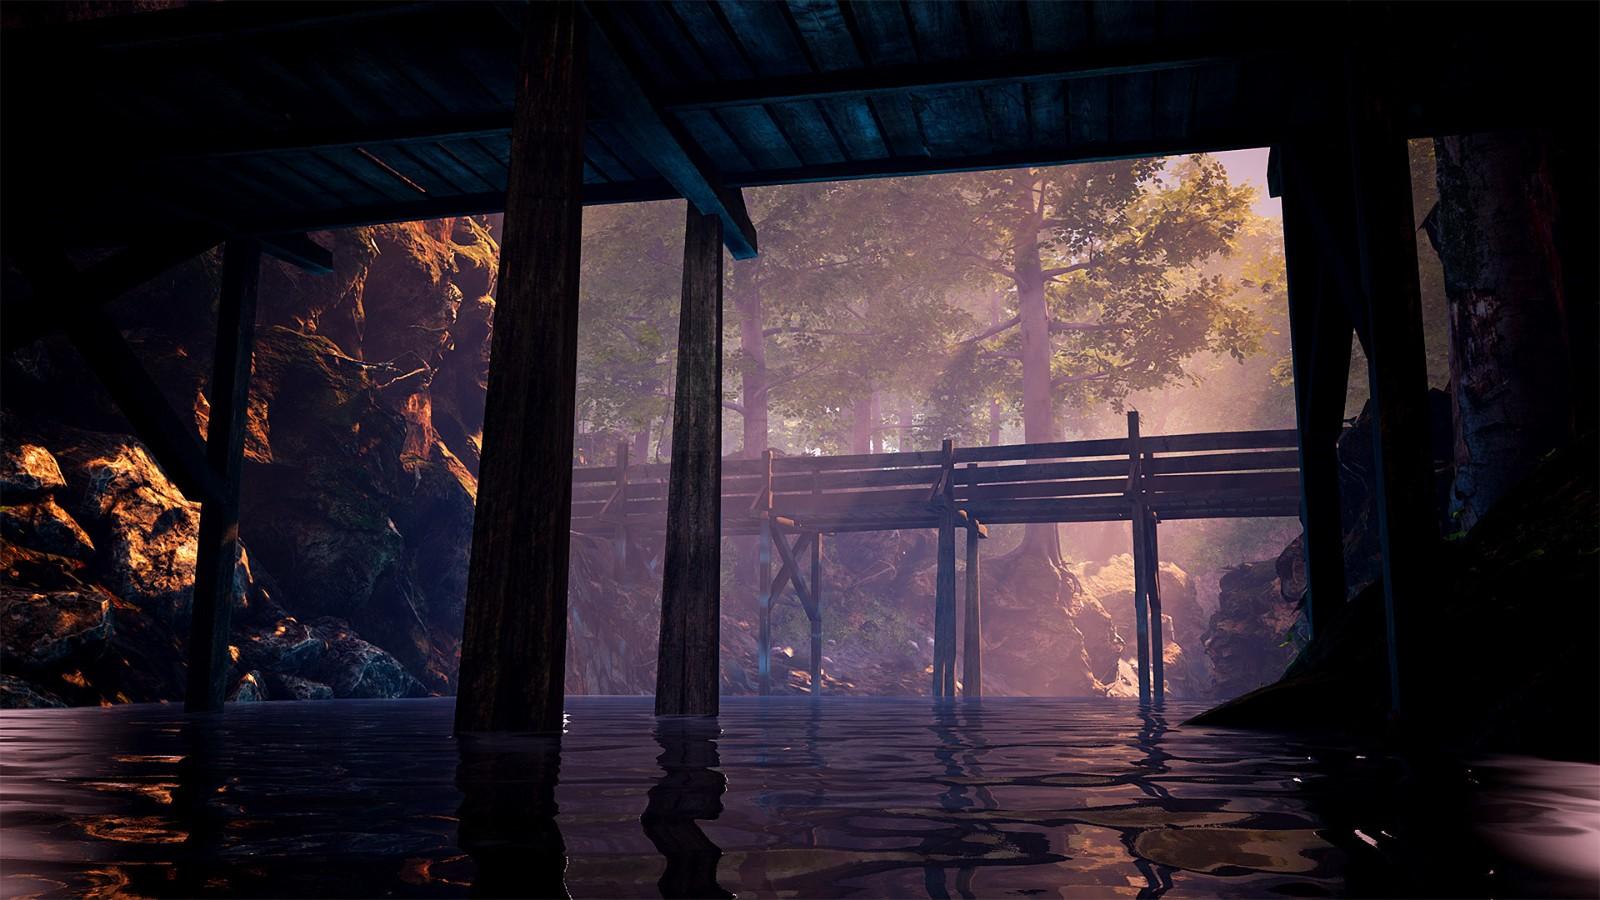 步行模拟探索游戏《传说中的森林》3月25日发售